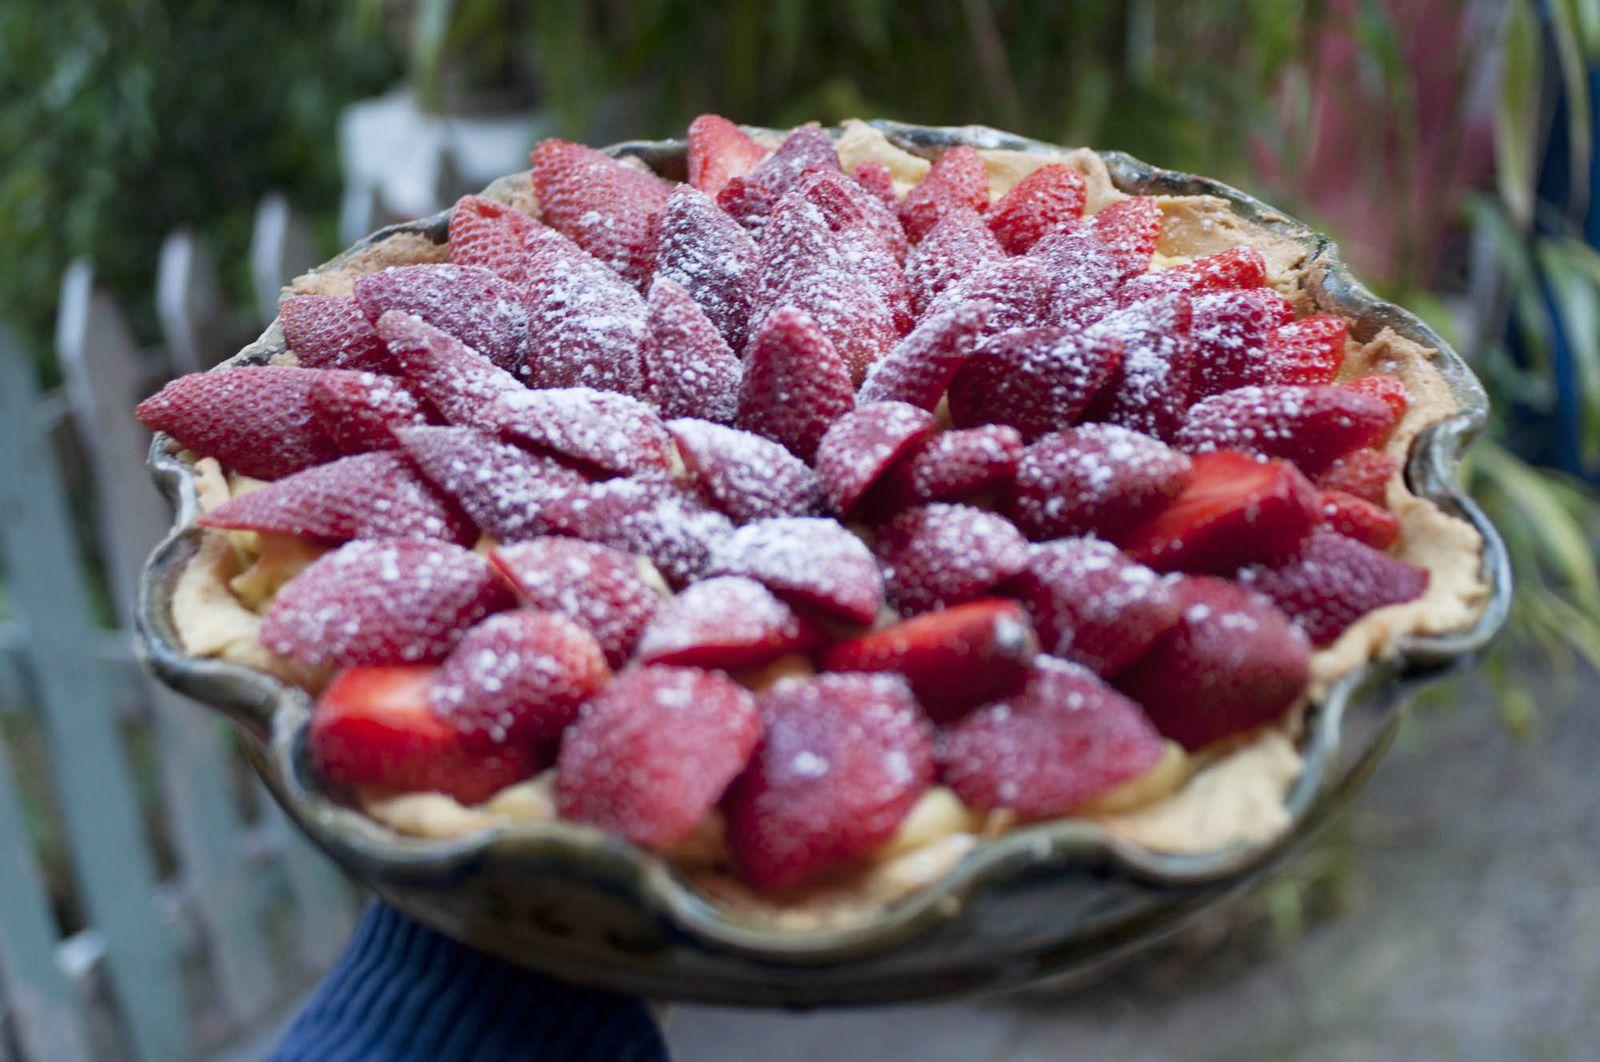 Vous prendrez bien quelques fraises